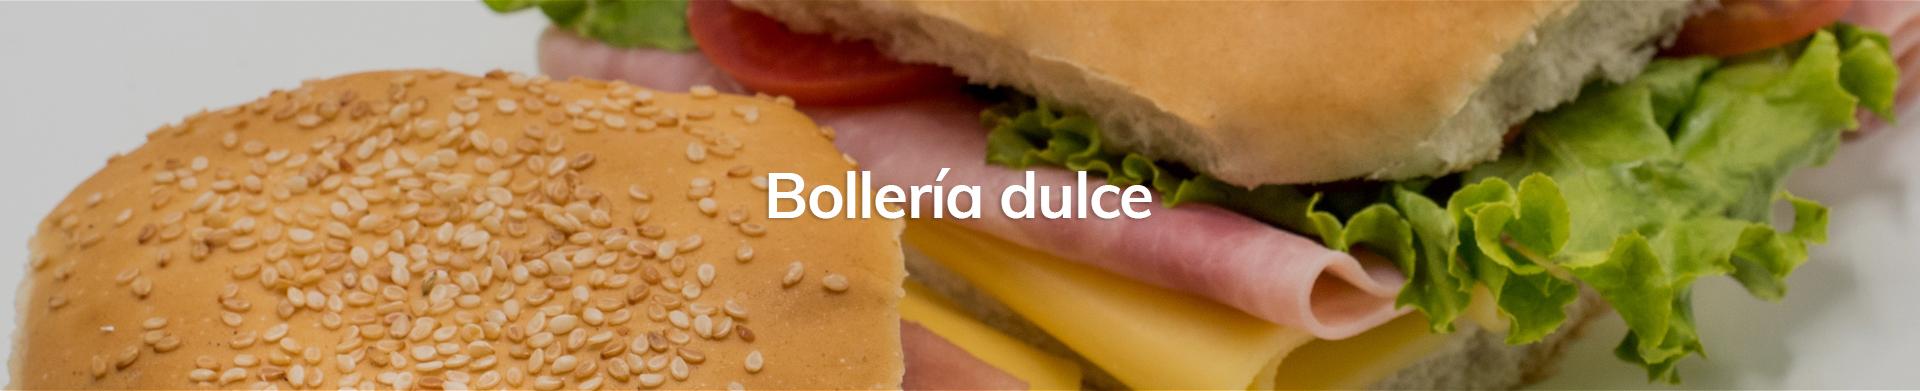 Bolleria Dulce